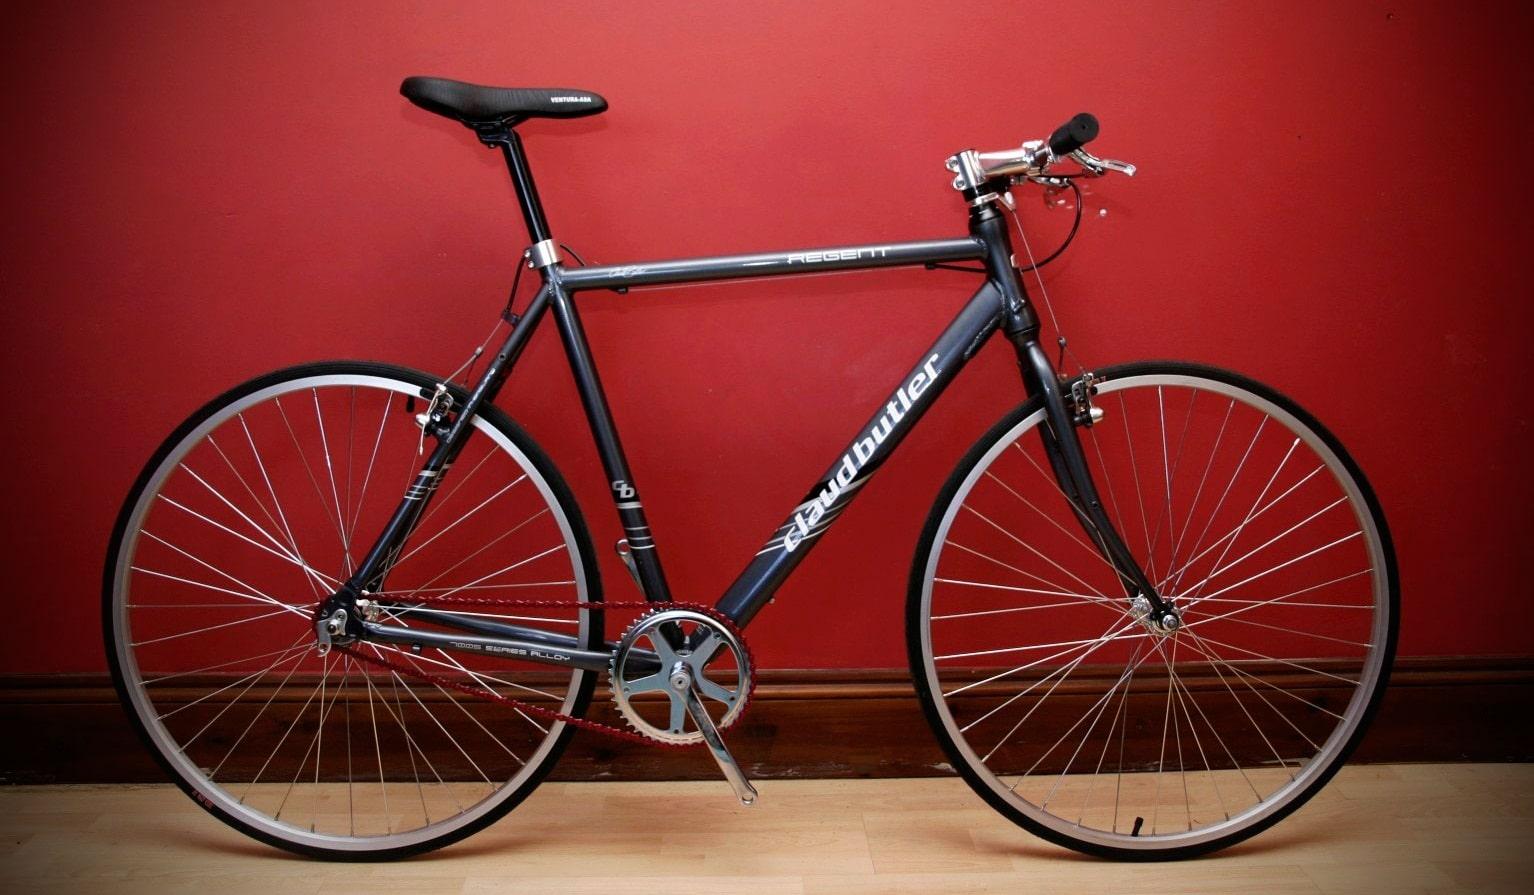 Best Single Speed Hybrid Bike